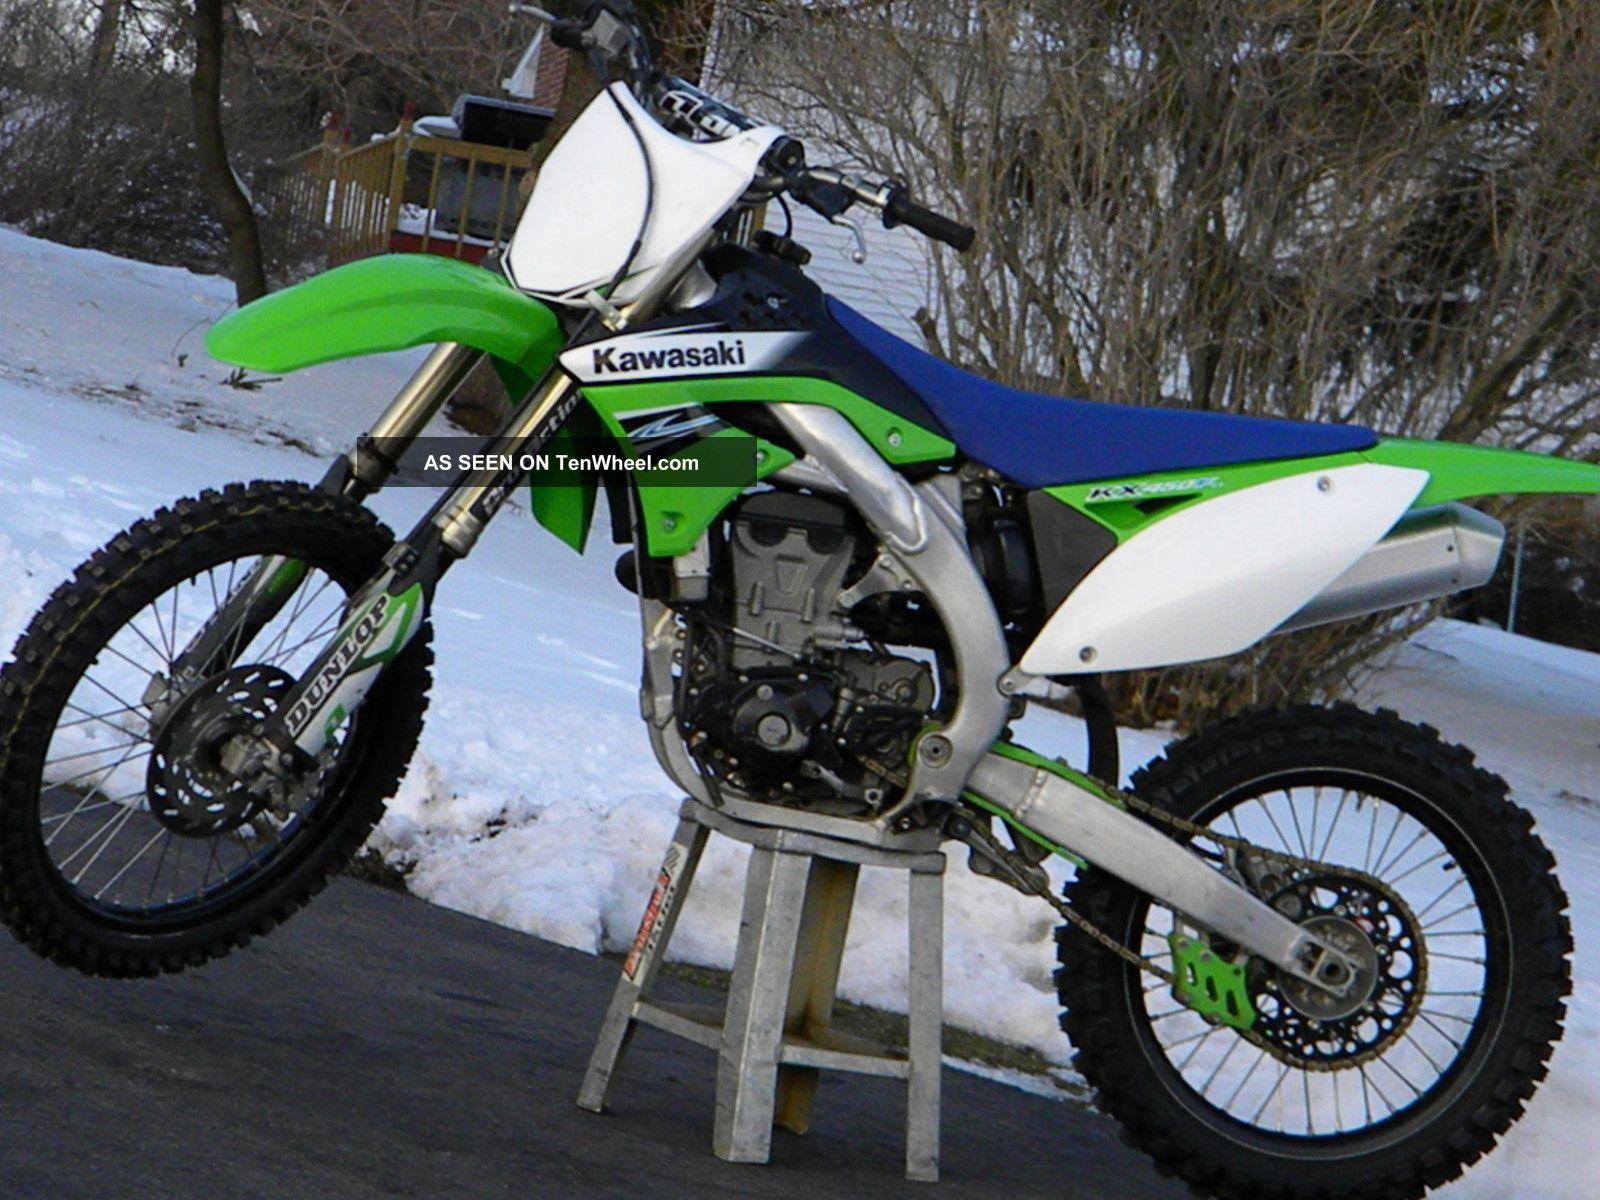 2011 Kawasaki Kx450f KXF photo